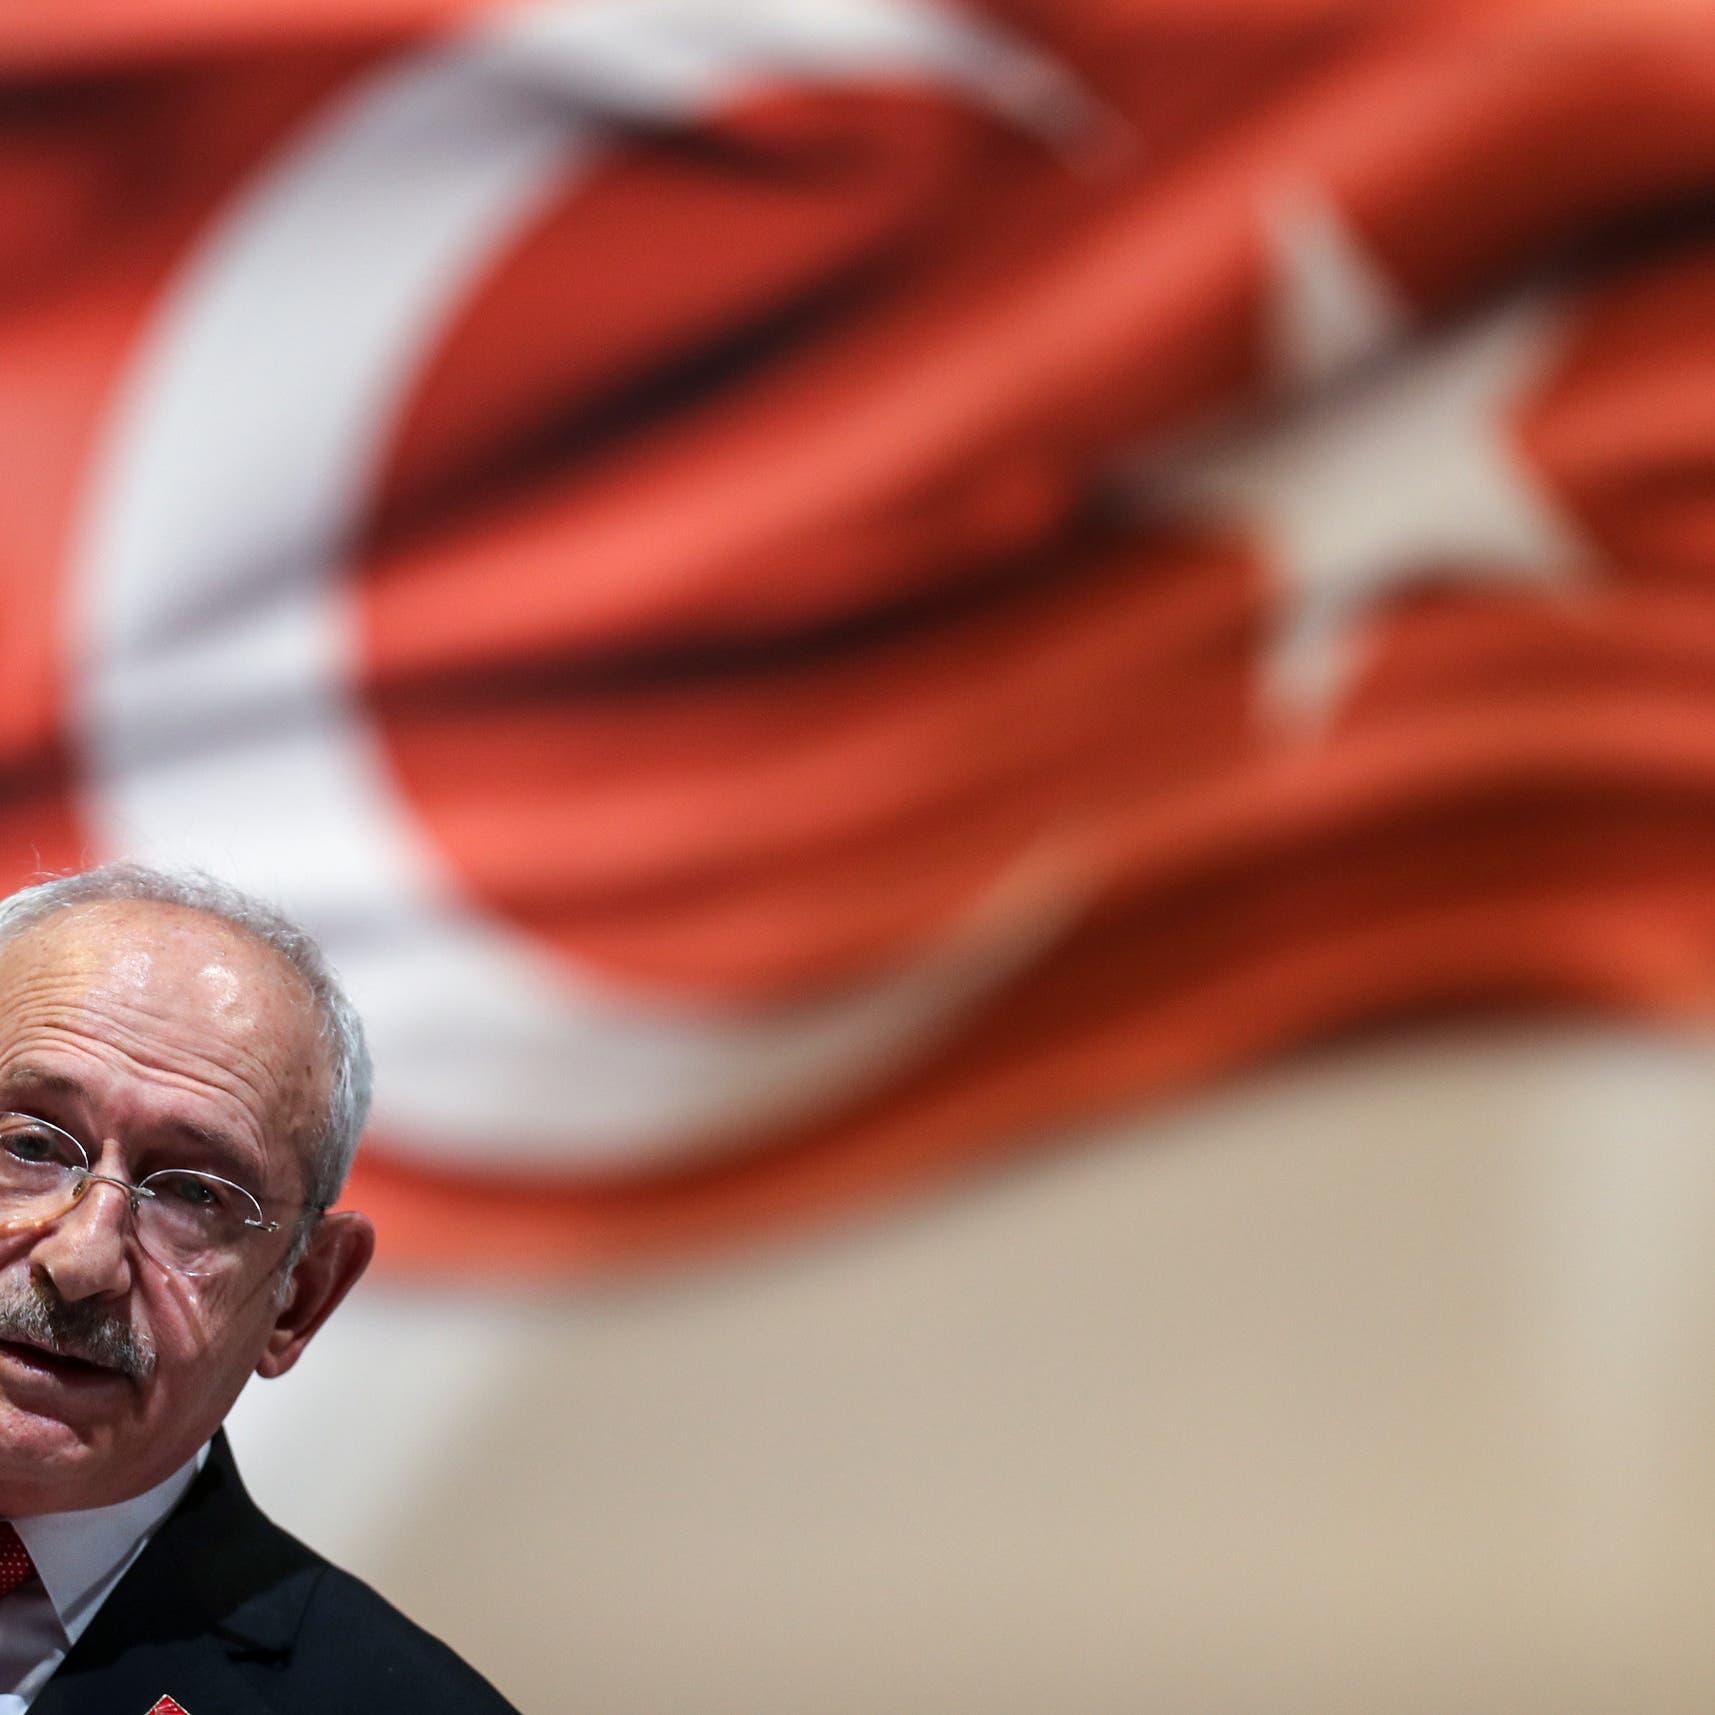 مراقبة وتجسس.. زعيم المعارضة التركية مهدد والسلطات لا تتحرك!